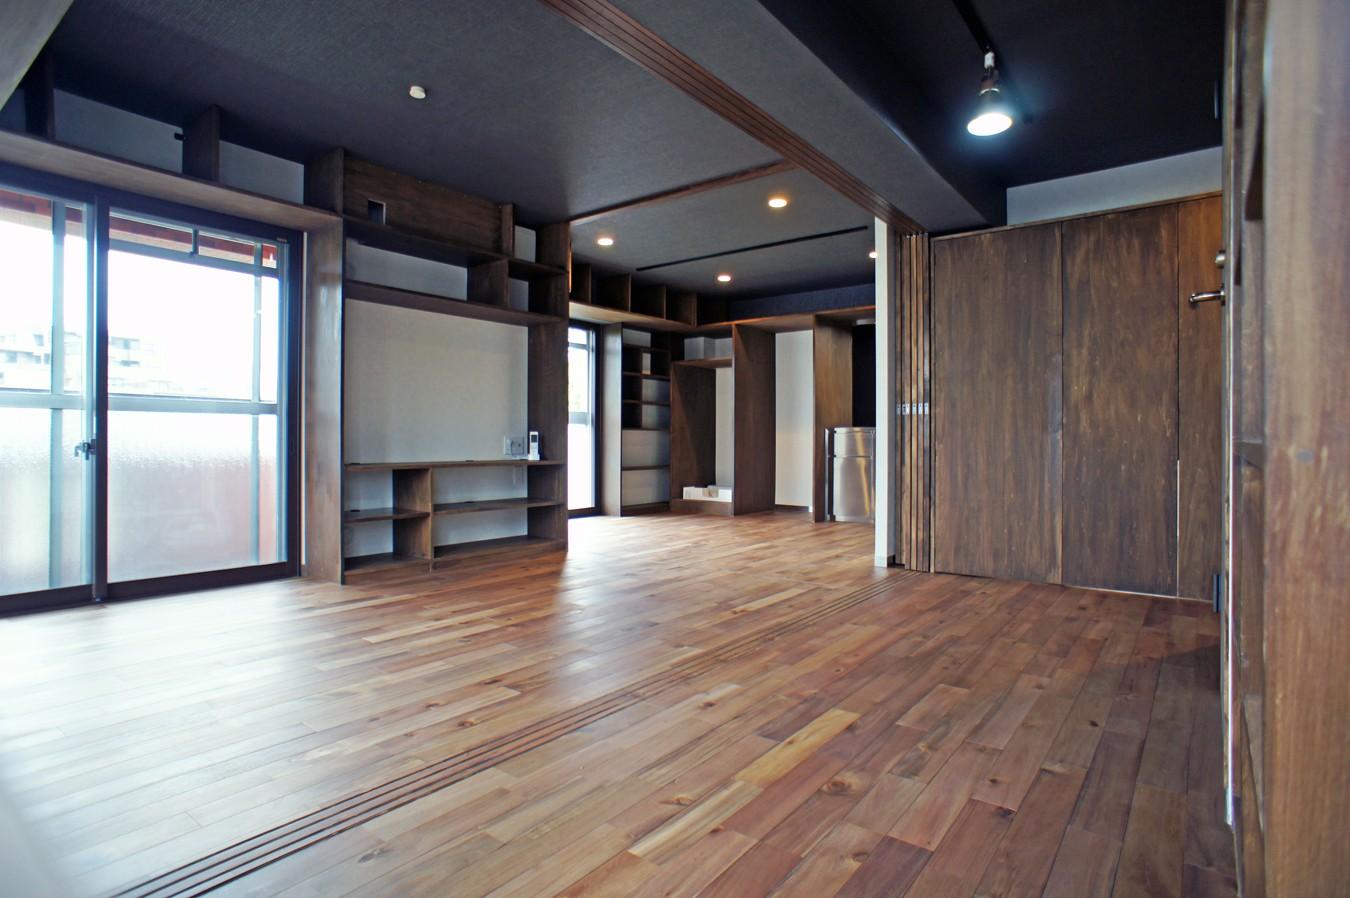 リビングダイニング事例:書斎からキッチンへの眺め(カグ ノ モリ - 壁面全面造作家具のリノベーション -)